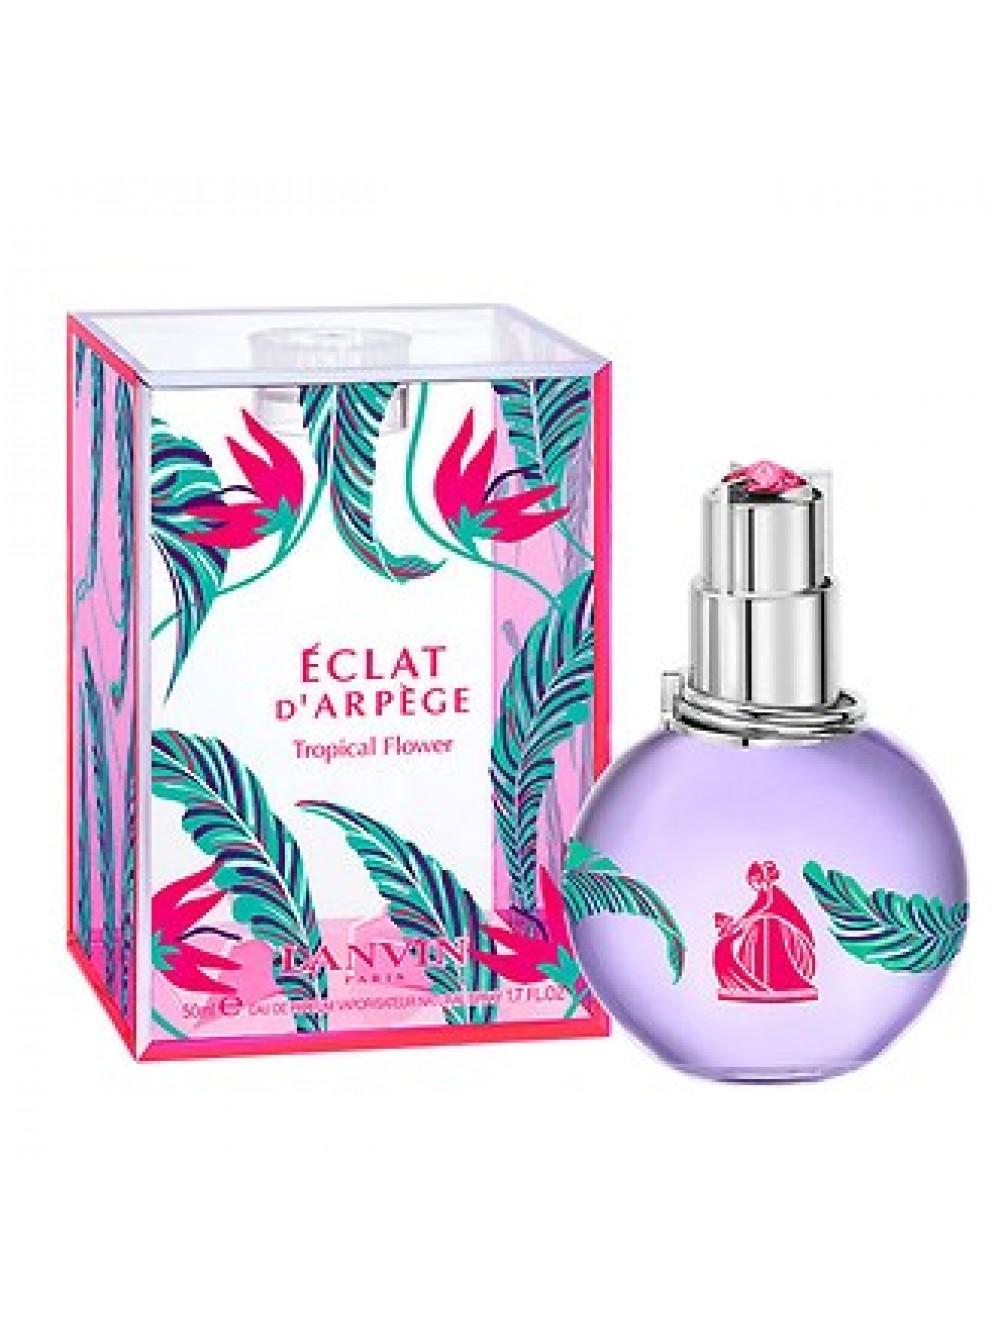 купить Lanvin Eclat Darpege Tropical Flower парфюмированная вода 50